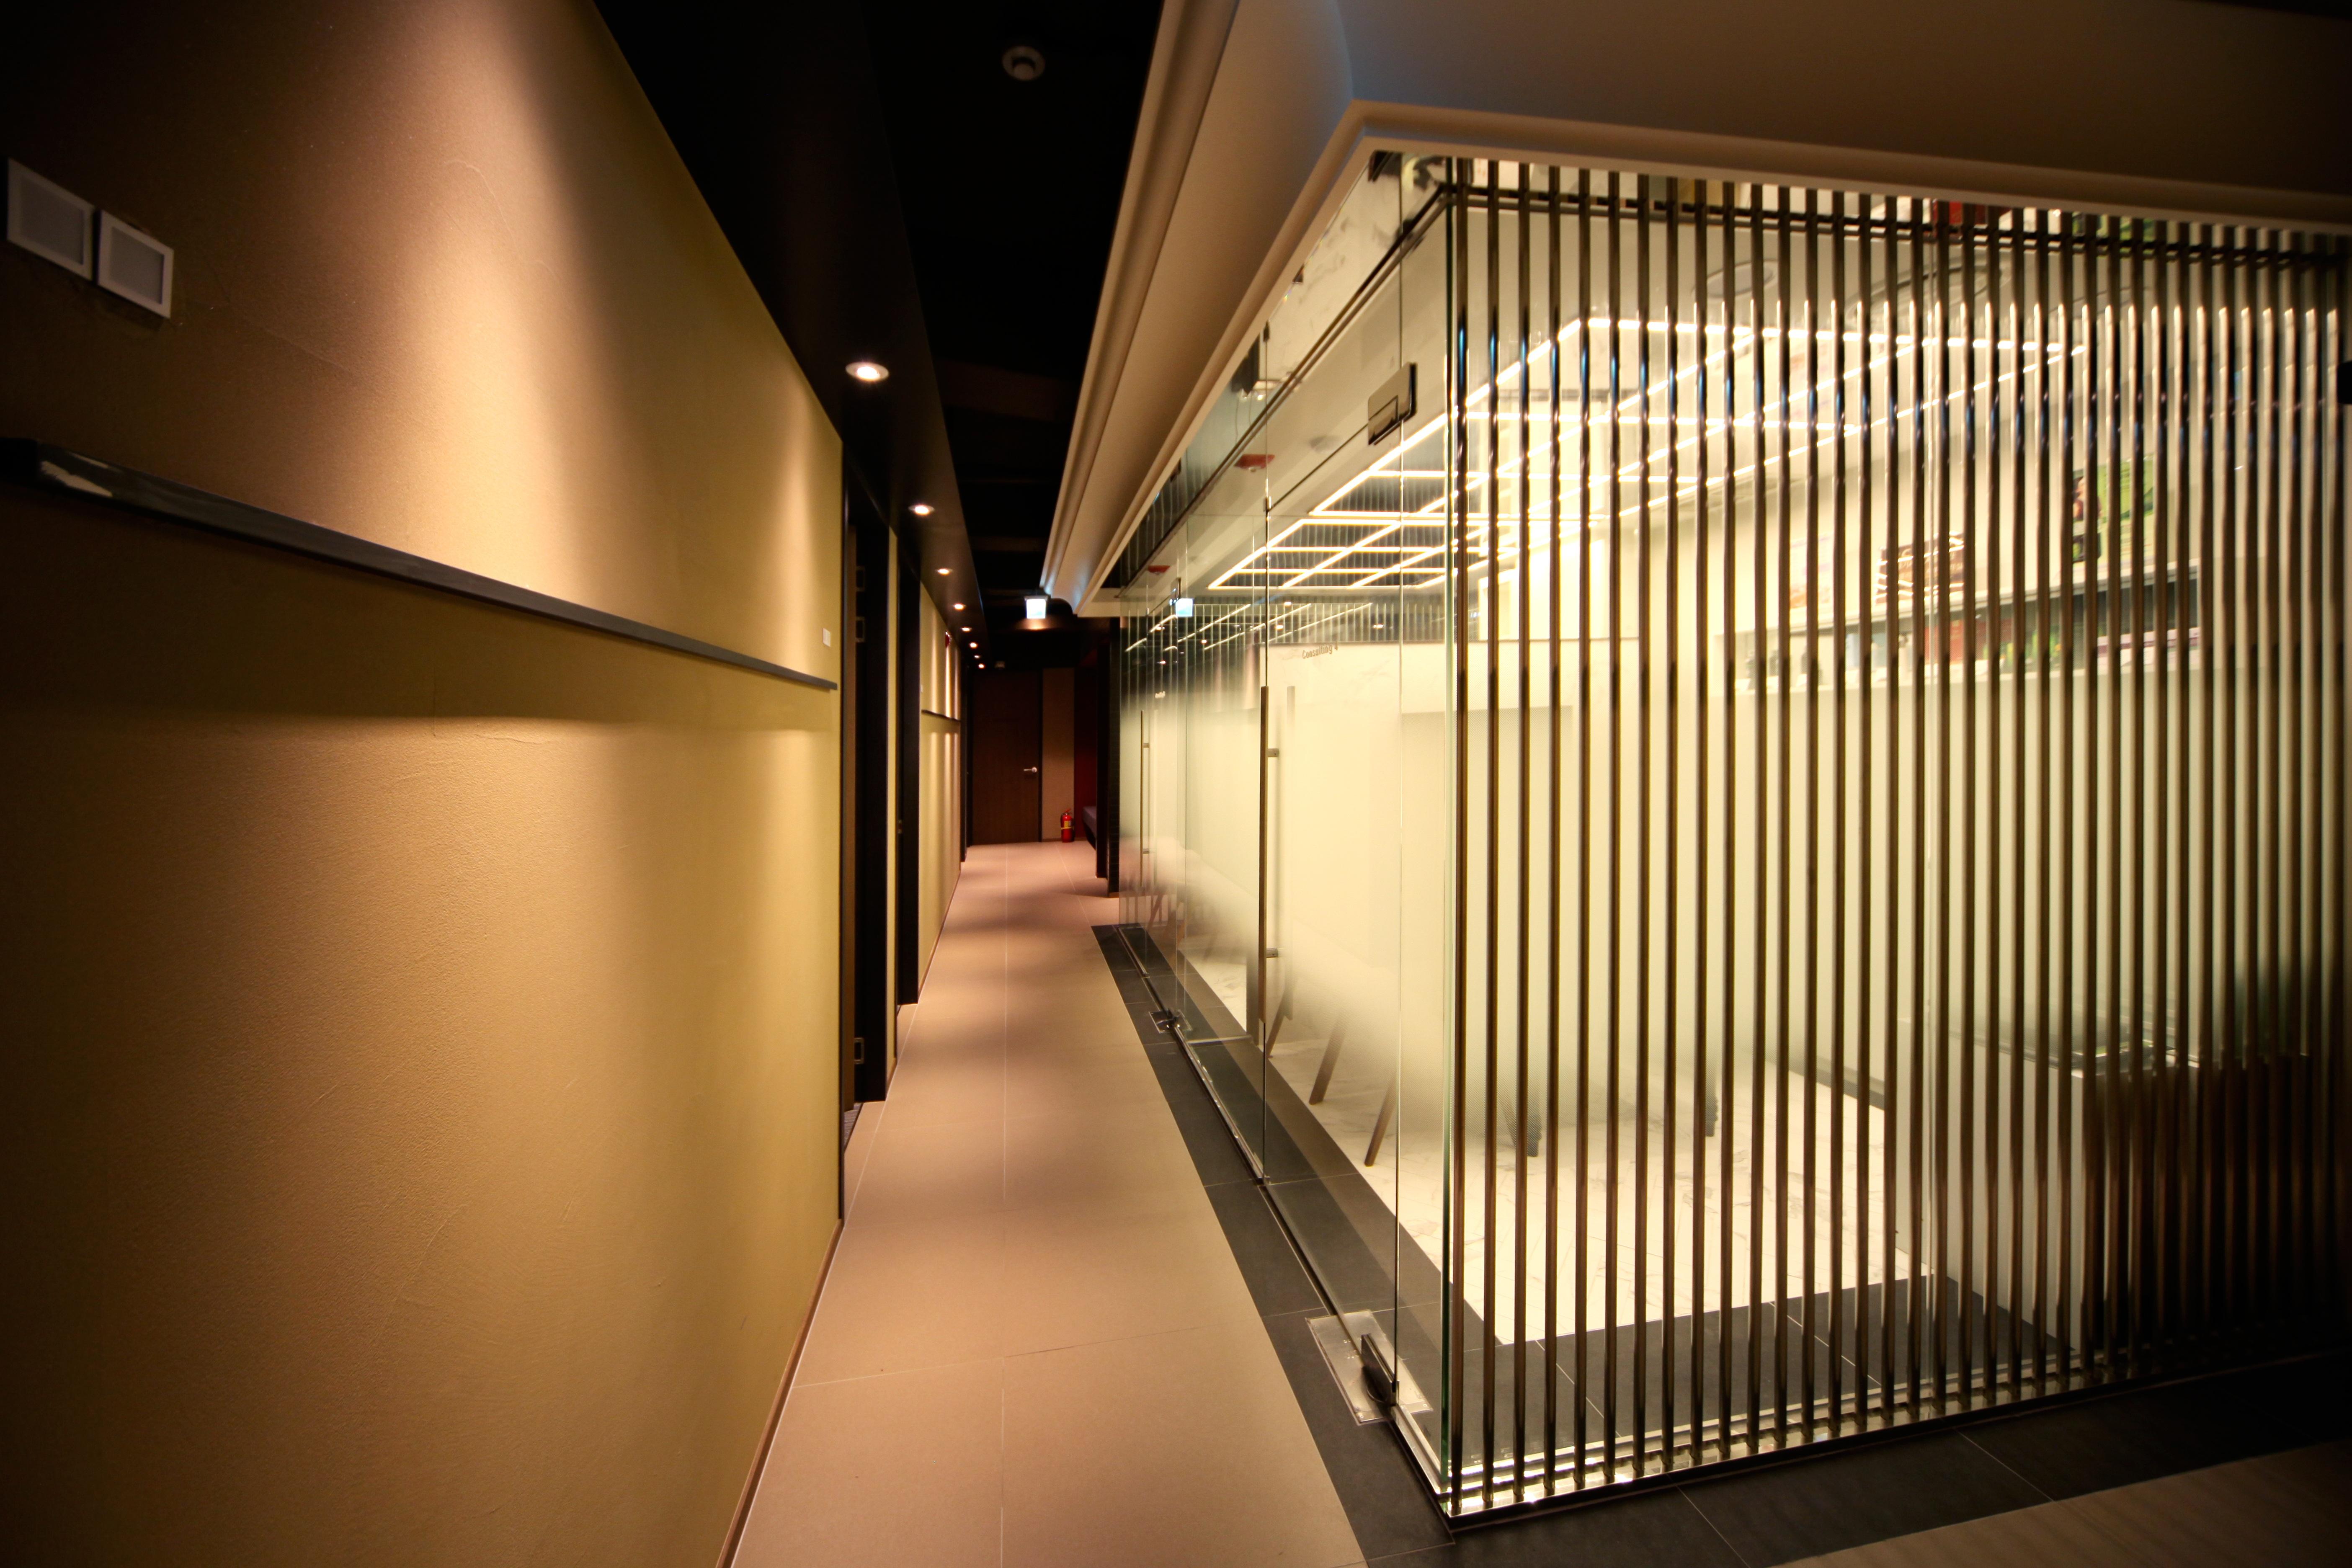 Kostenlose foto : Licht, die Architektur, Linie, Halle, Beleuchtung ...